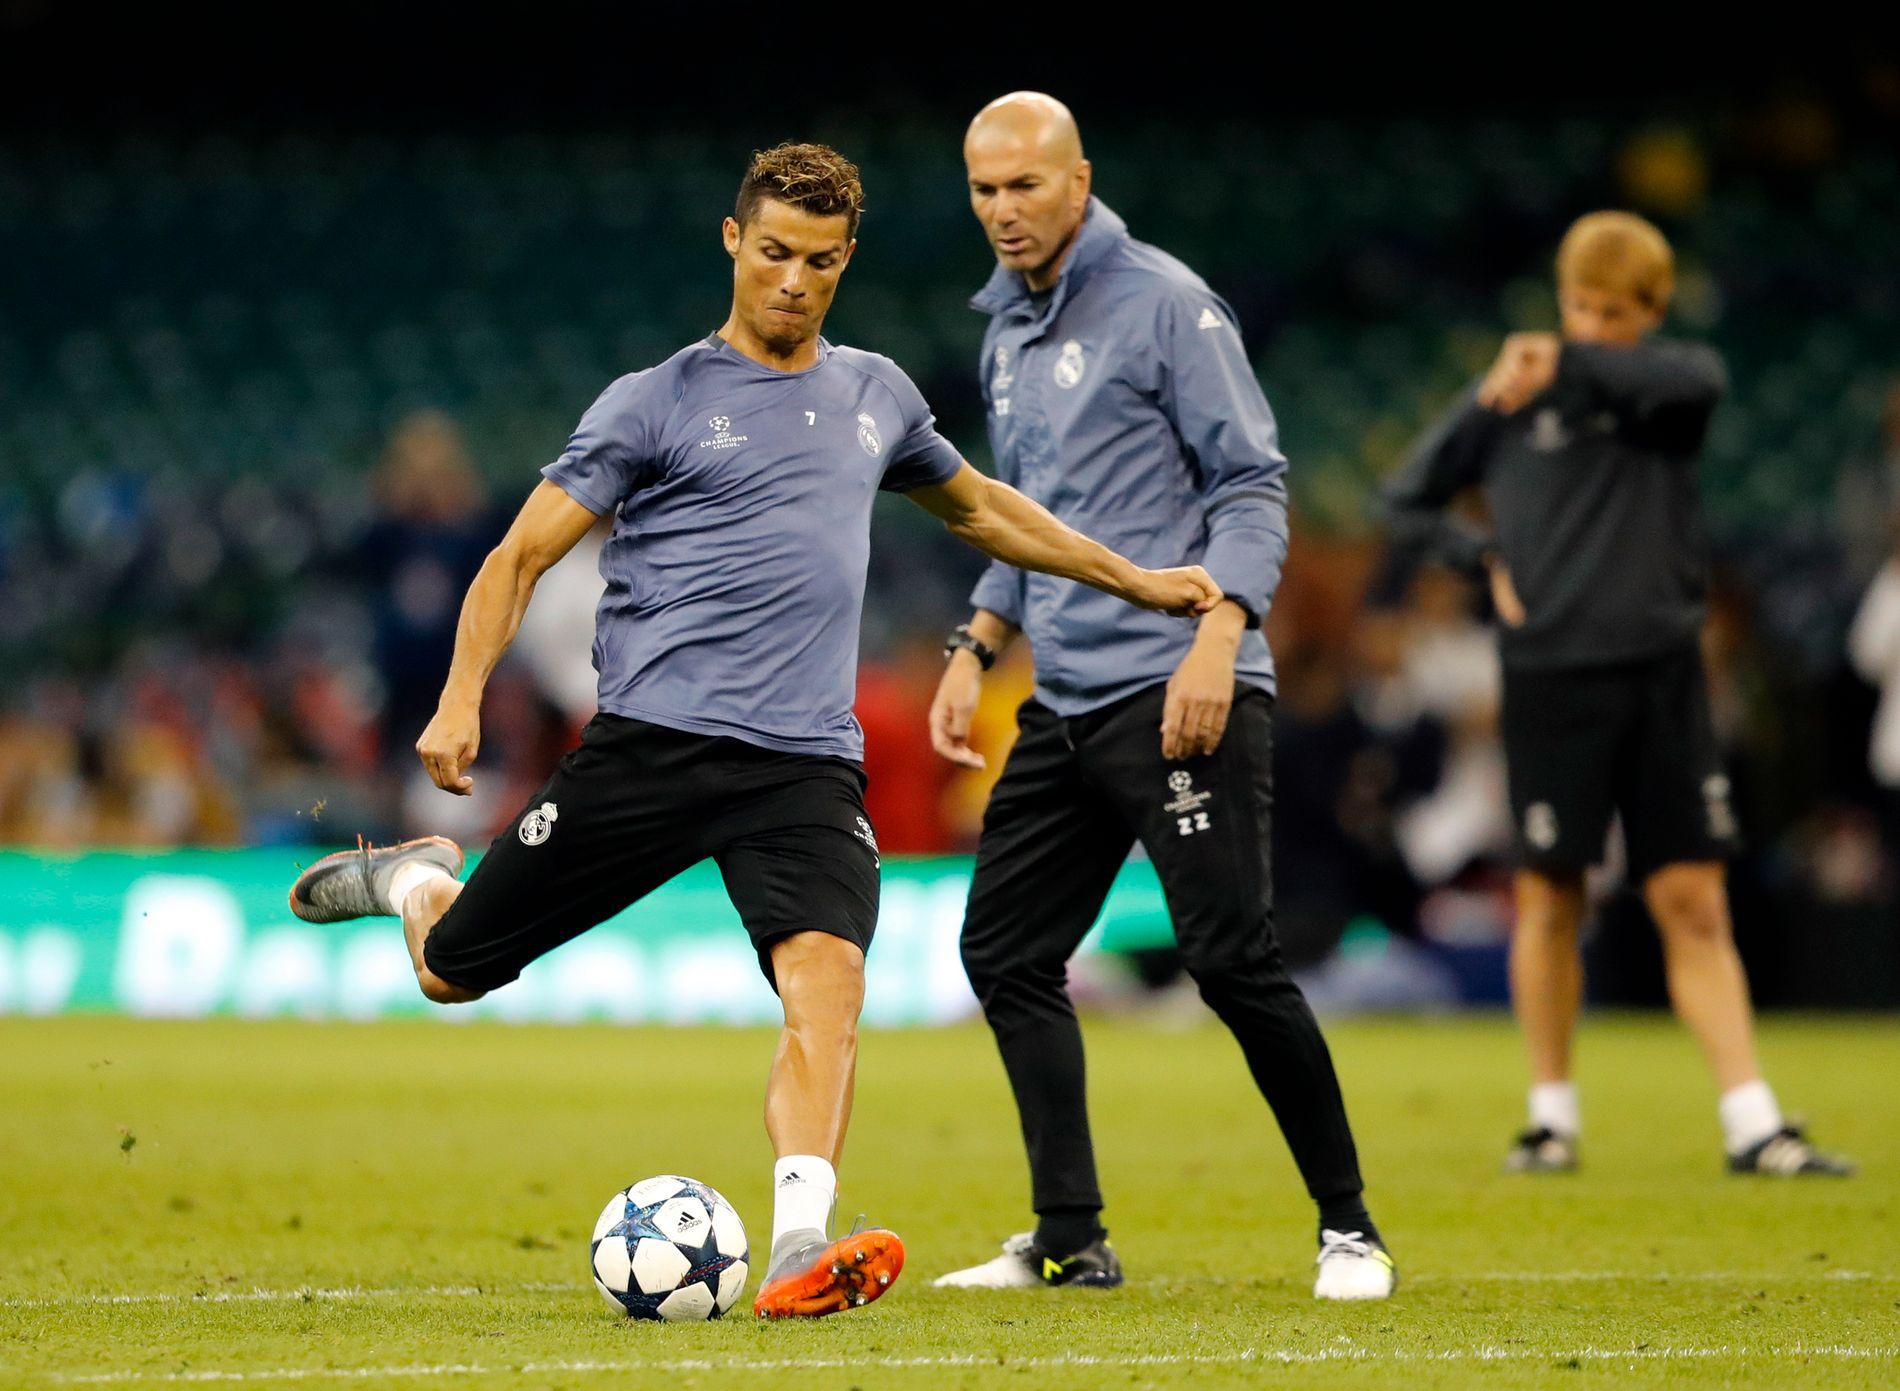 SISTE FORBEREDELSER: Trener Zinedine Zidane følger med mens Cristiano Ronaldo øver på avslutninger på finalearenaen Millennium Stadium i går.